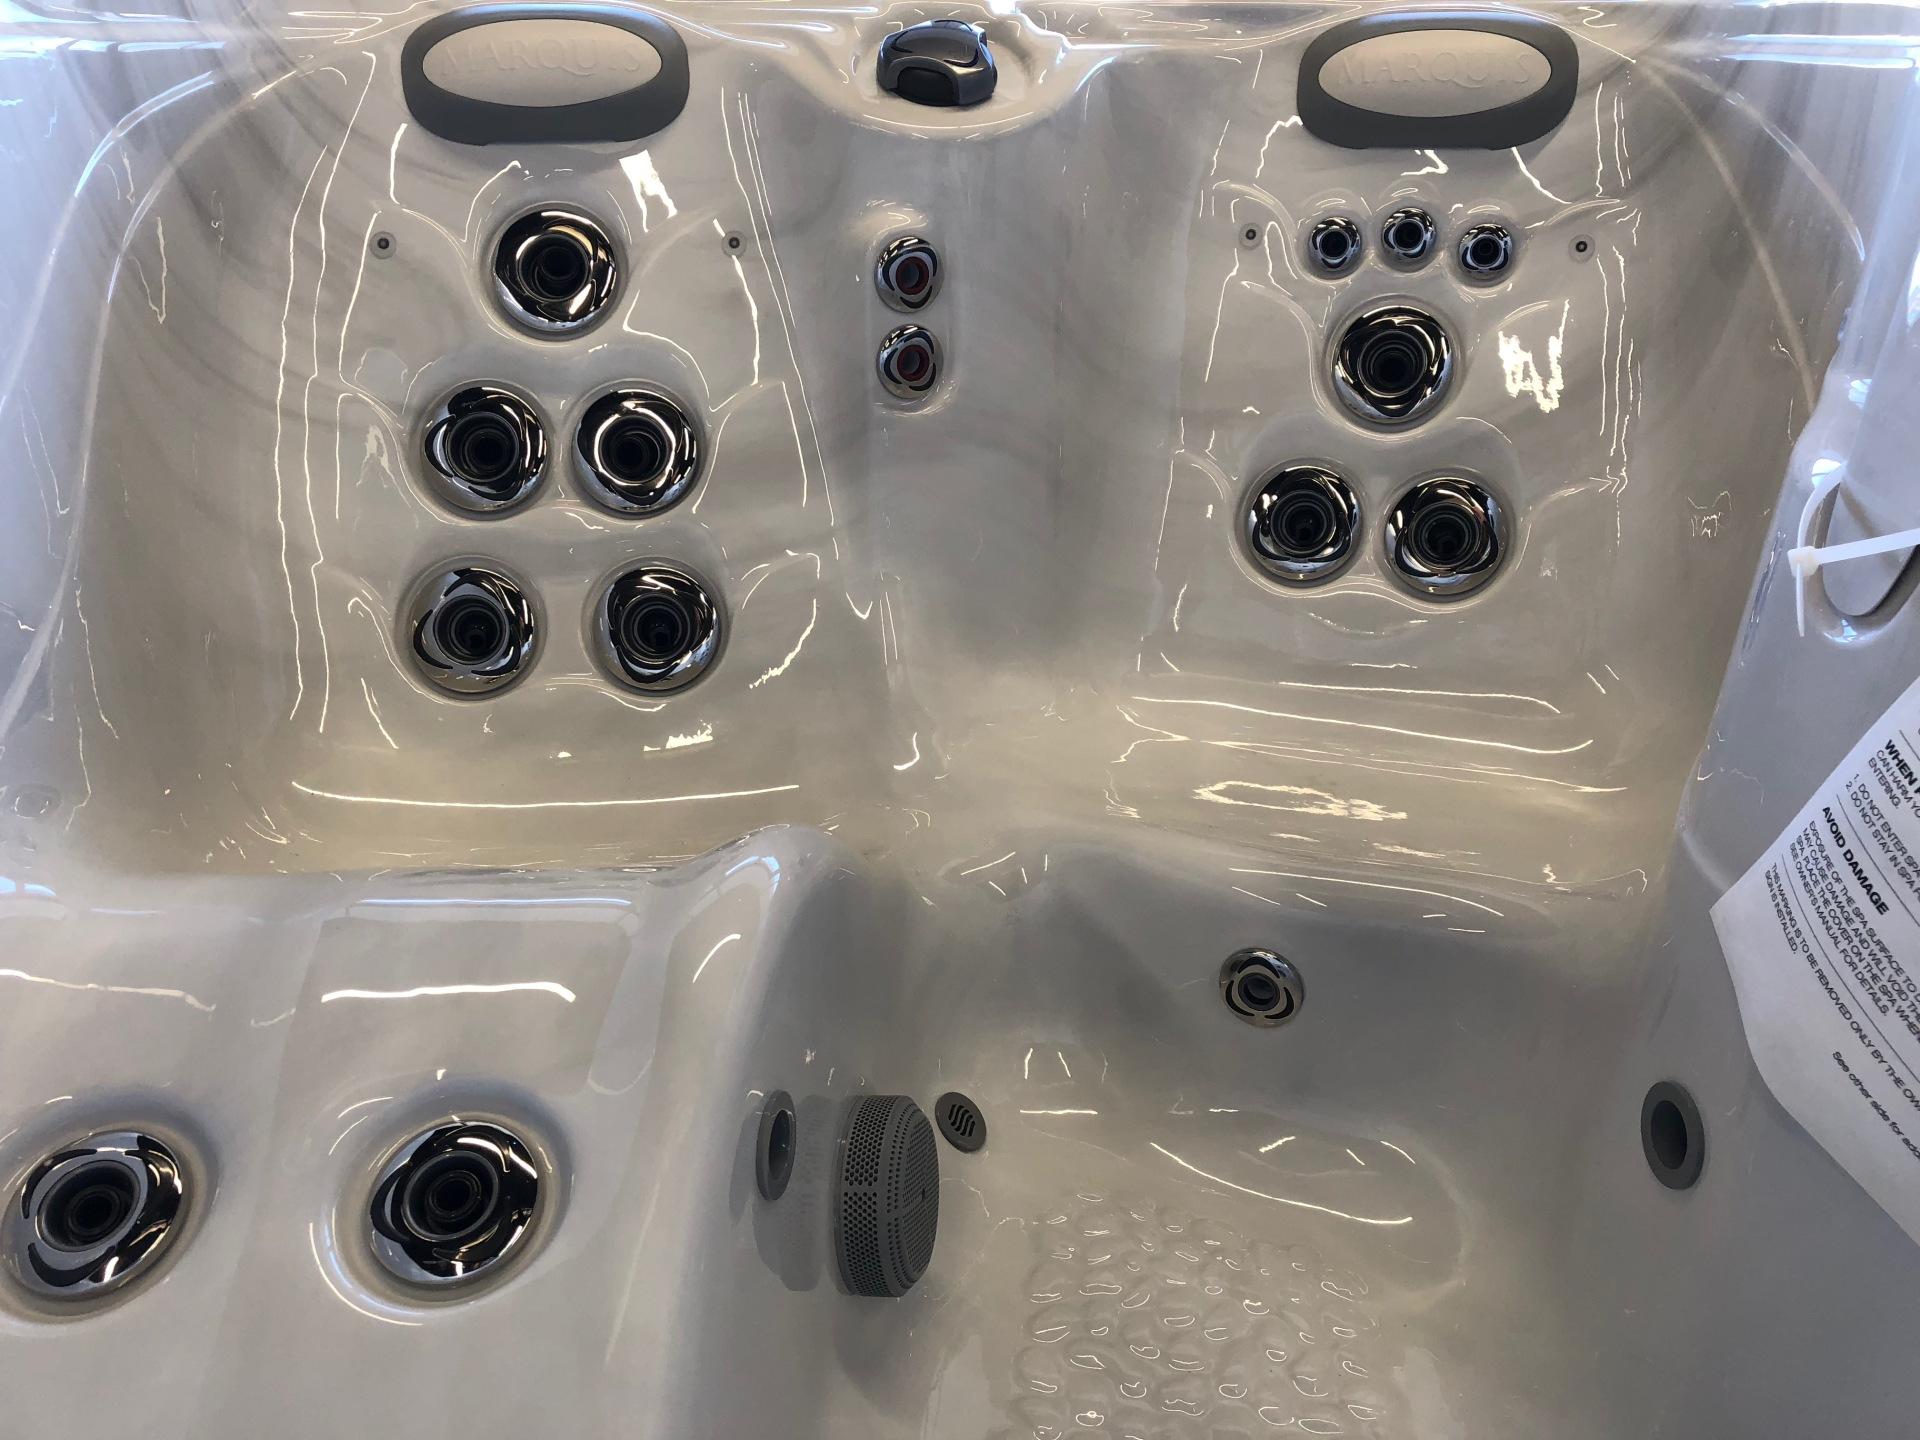 The Spirit Hot Tub